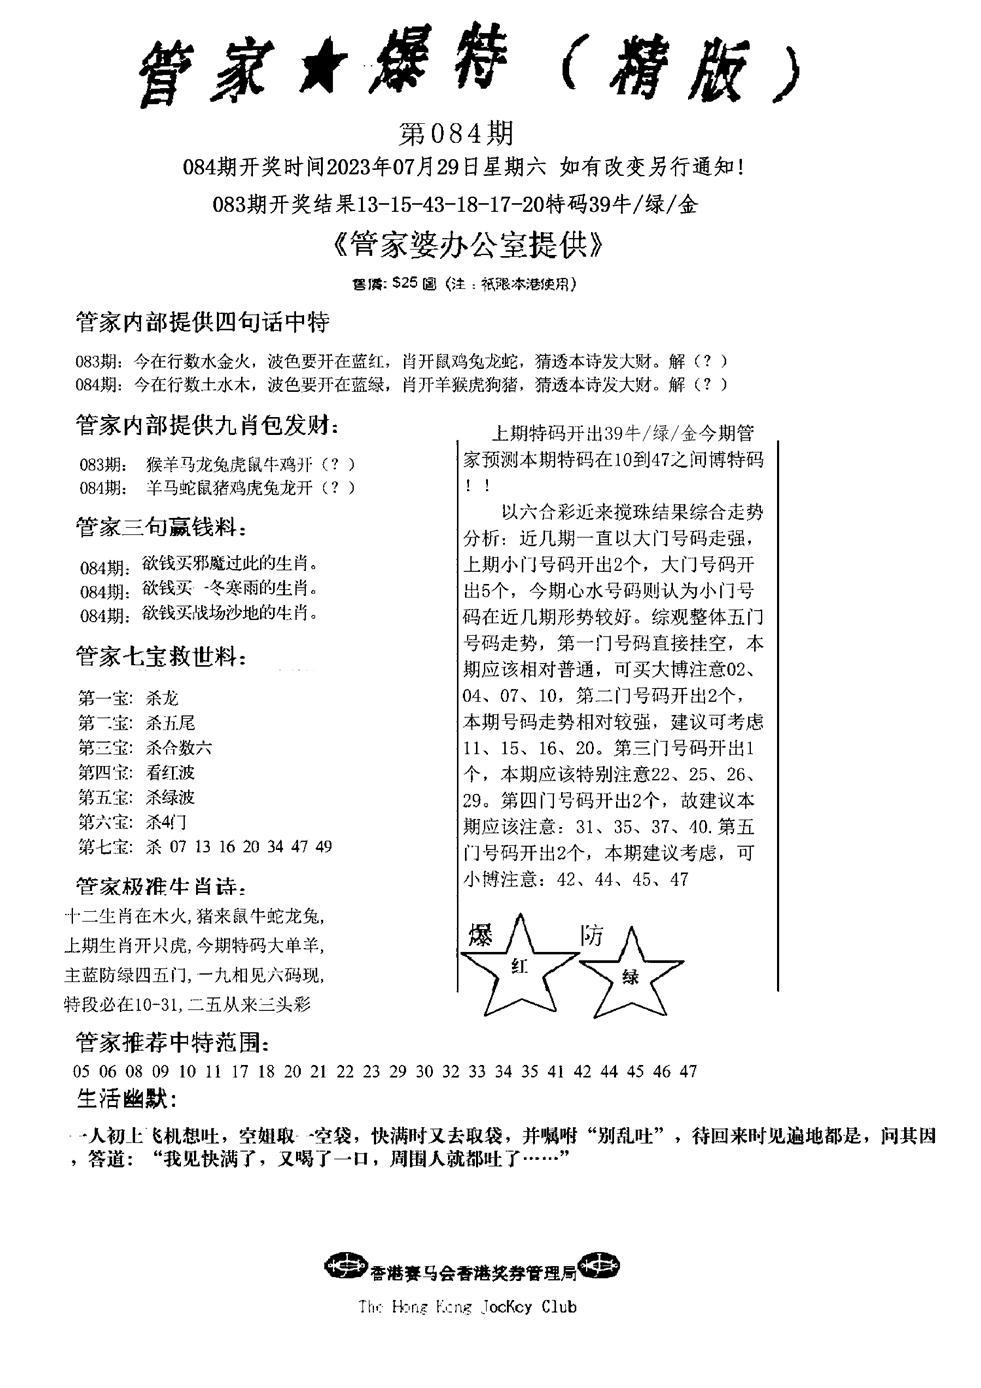 084期管家爆特精版(黑白)